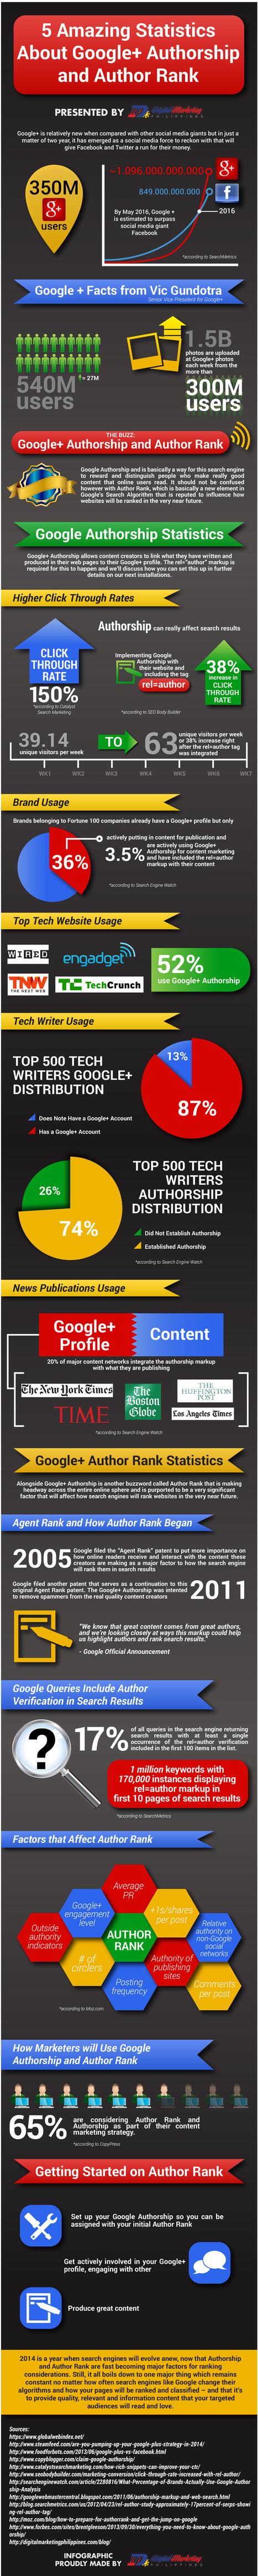 infographie-authorship-authorrank.jpg (750x7500 pixels) | TUI Acquisition > Vielle Eveille | Scoop.it